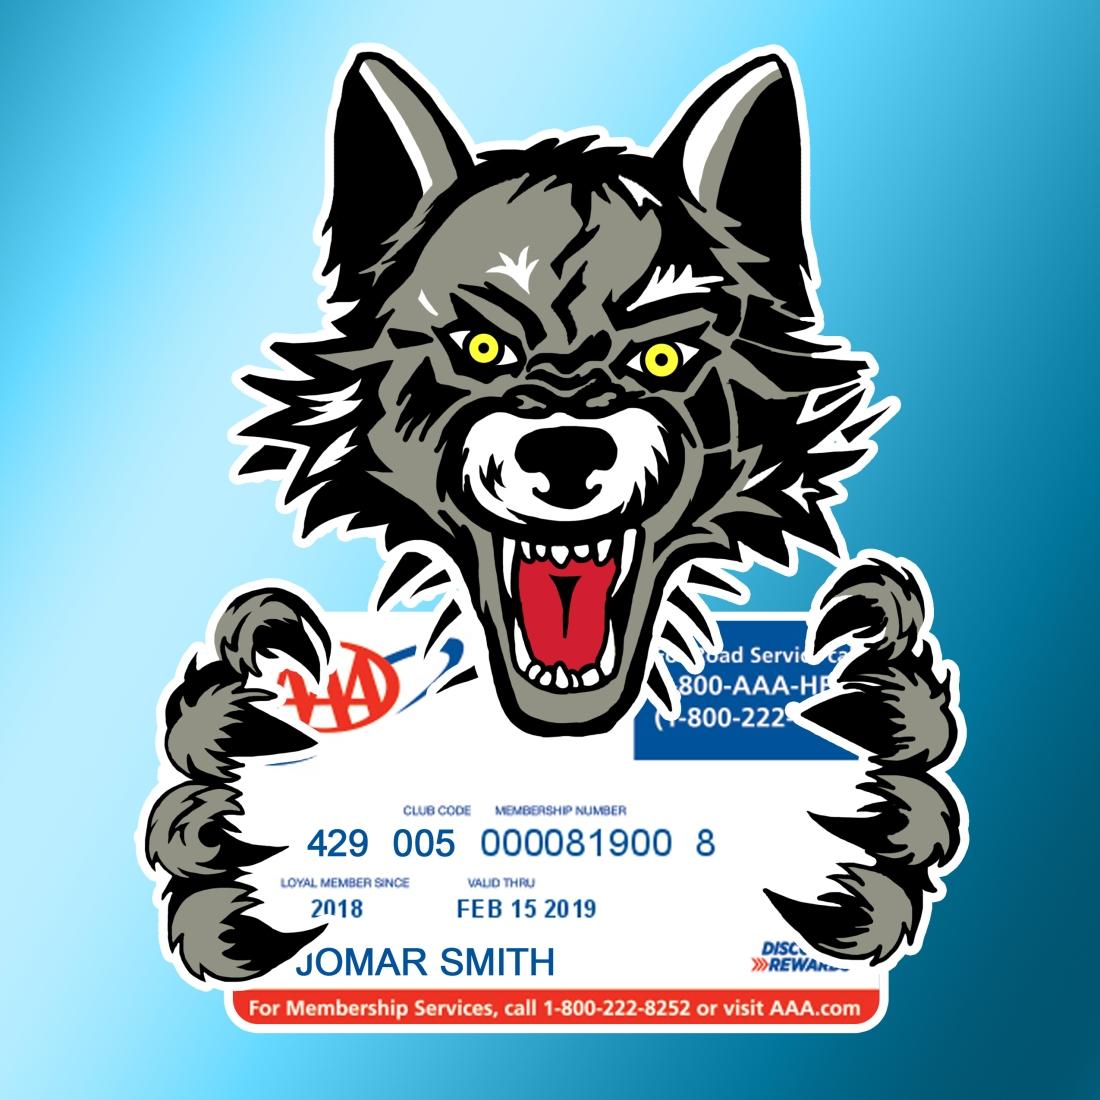 gowolfs